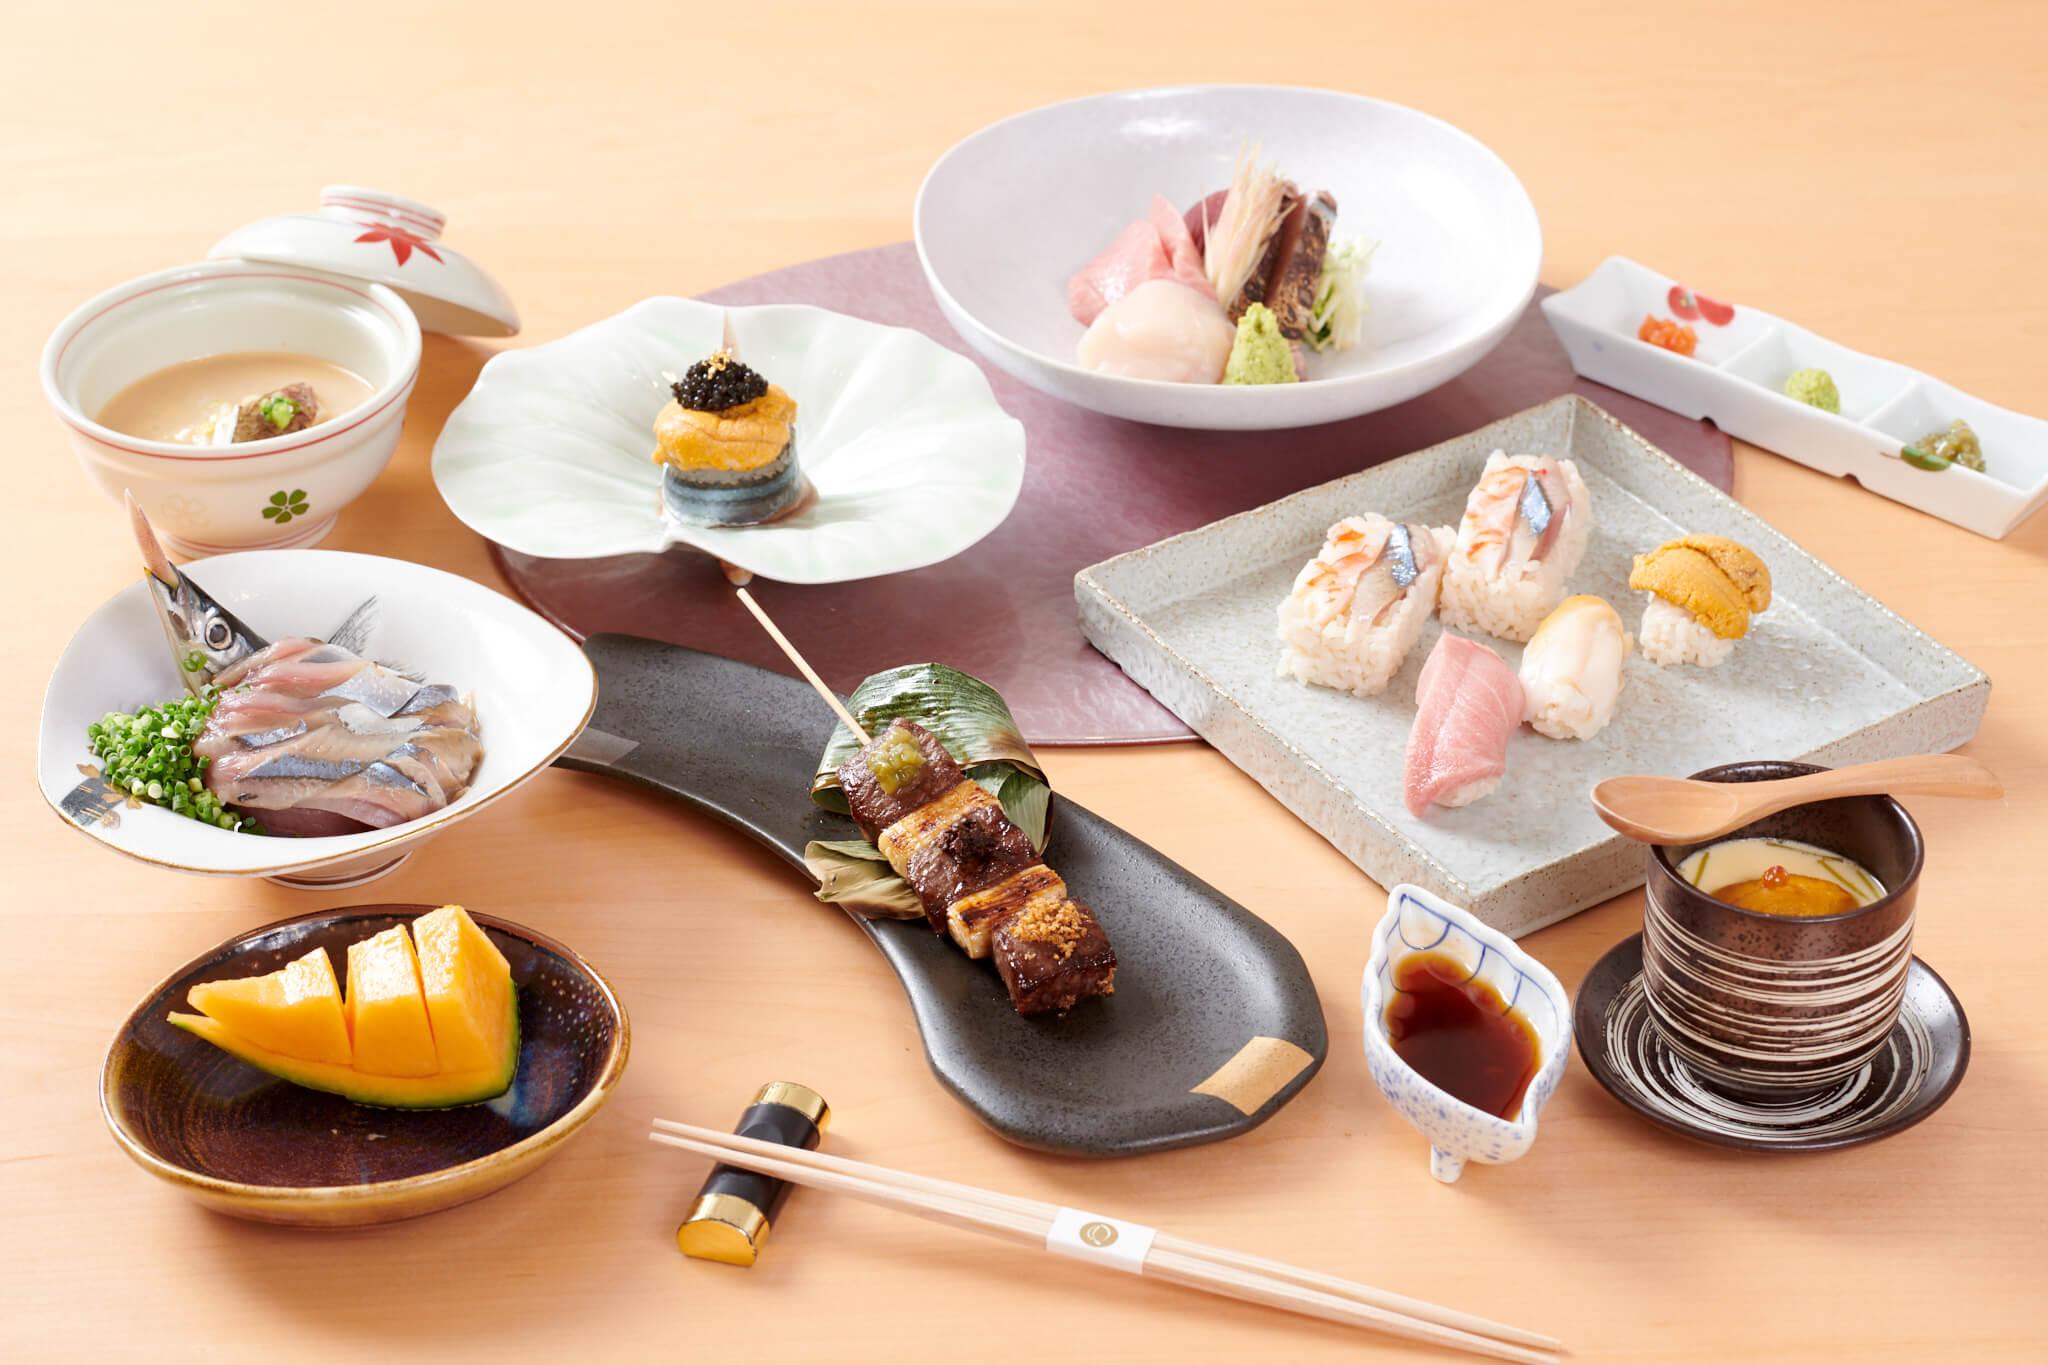 由即日起至3月31日,網上預訂Omakase套餐,即可享第二位半價優惠。